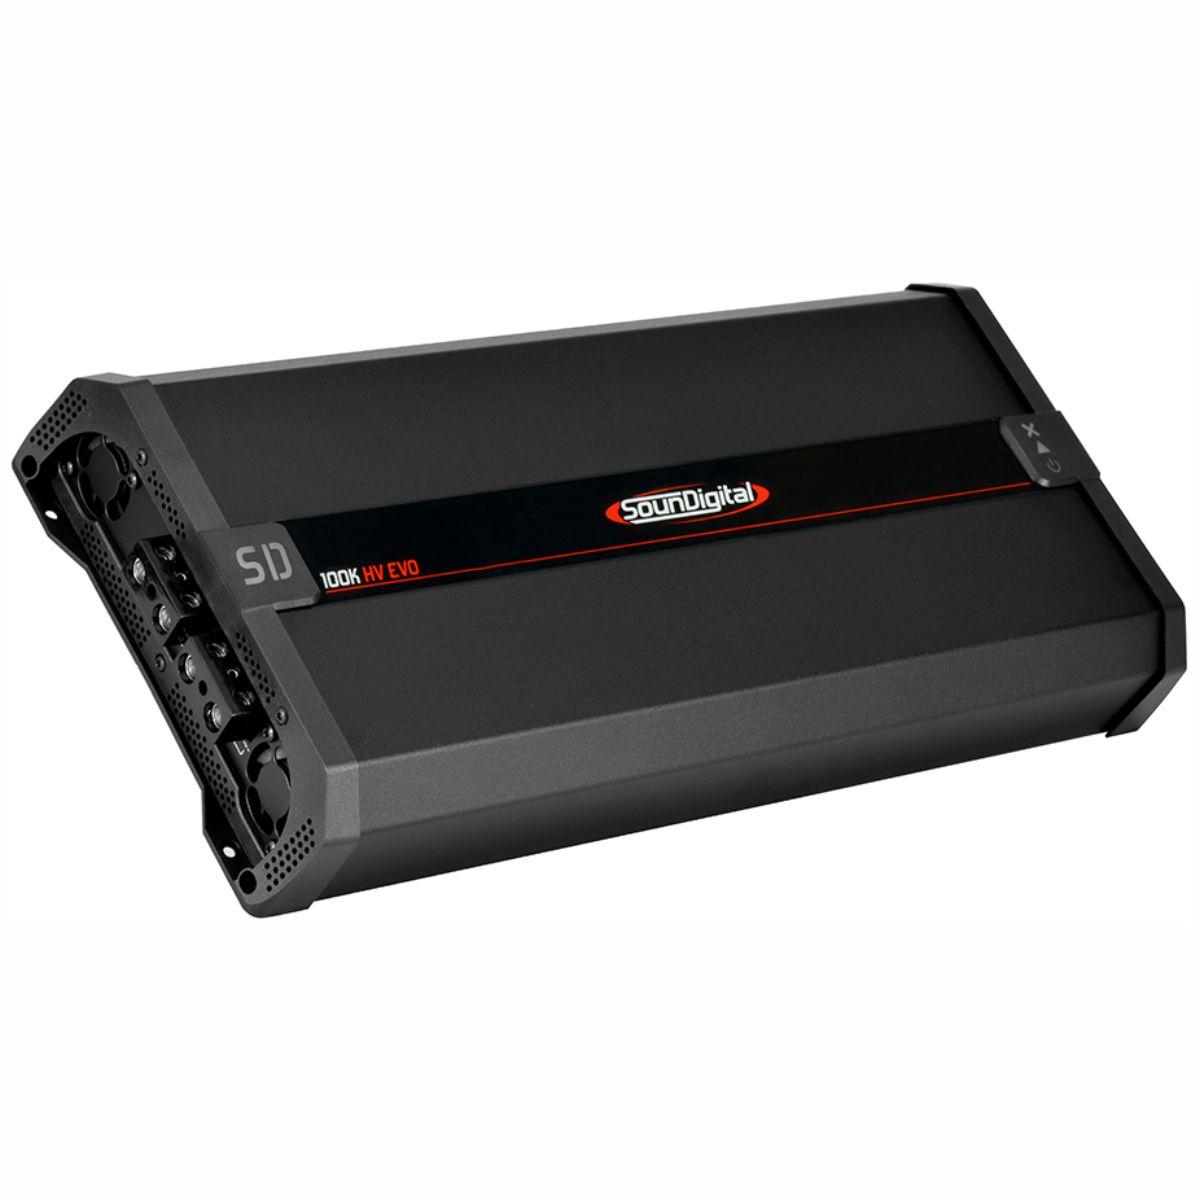 Módulo Amplificador Soundigital HV Unlimited Xlr 100K EVO 100000W Rms 1 Canal